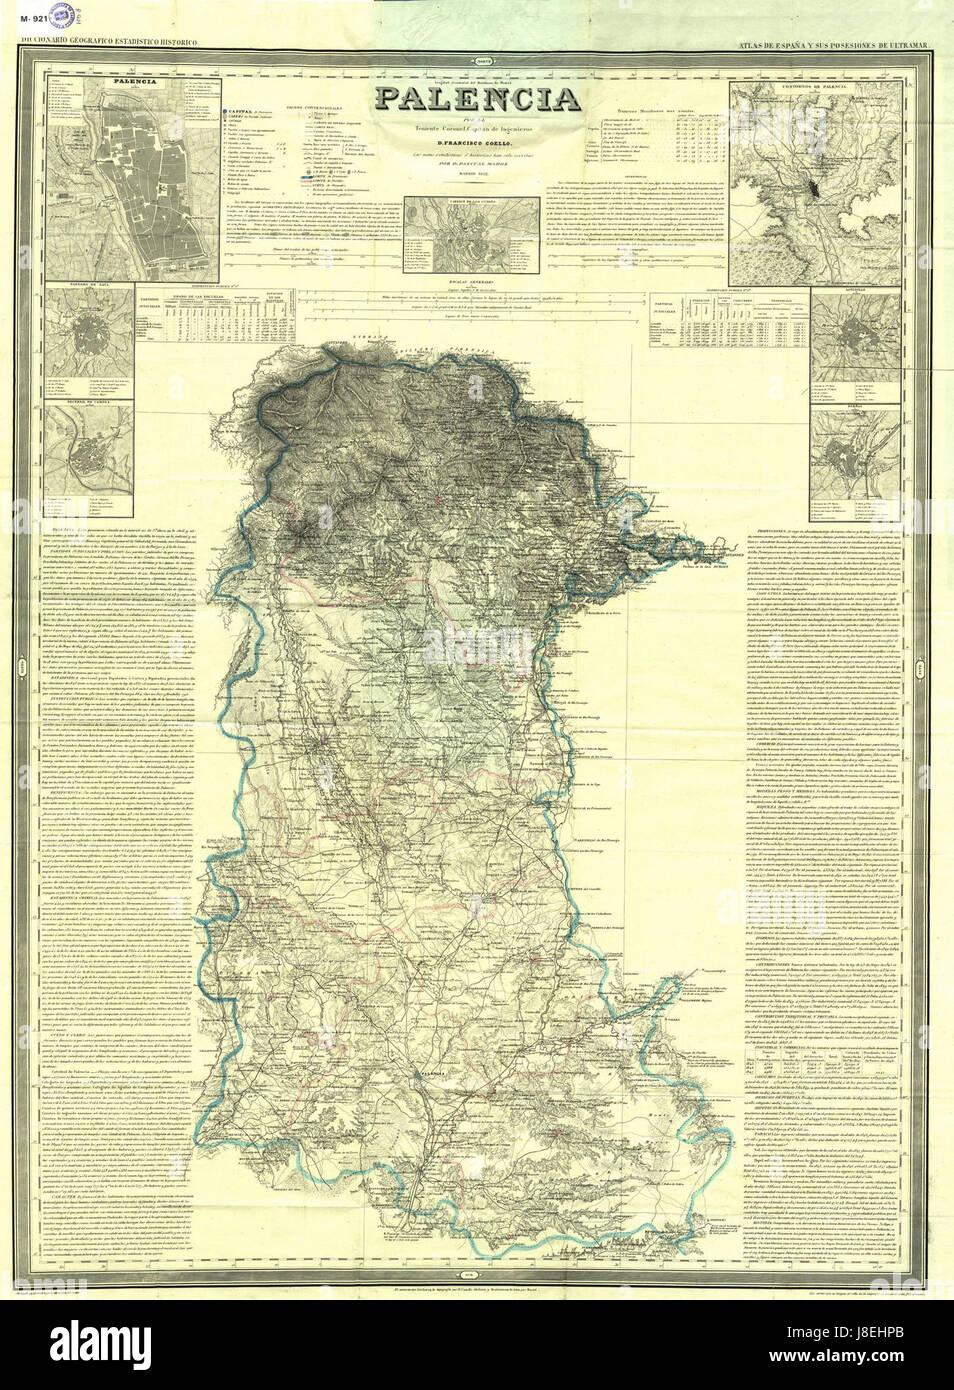 Provincia De Palencia Mapa.Mapa De La Provincia De Palencia 1852 Por Francisco